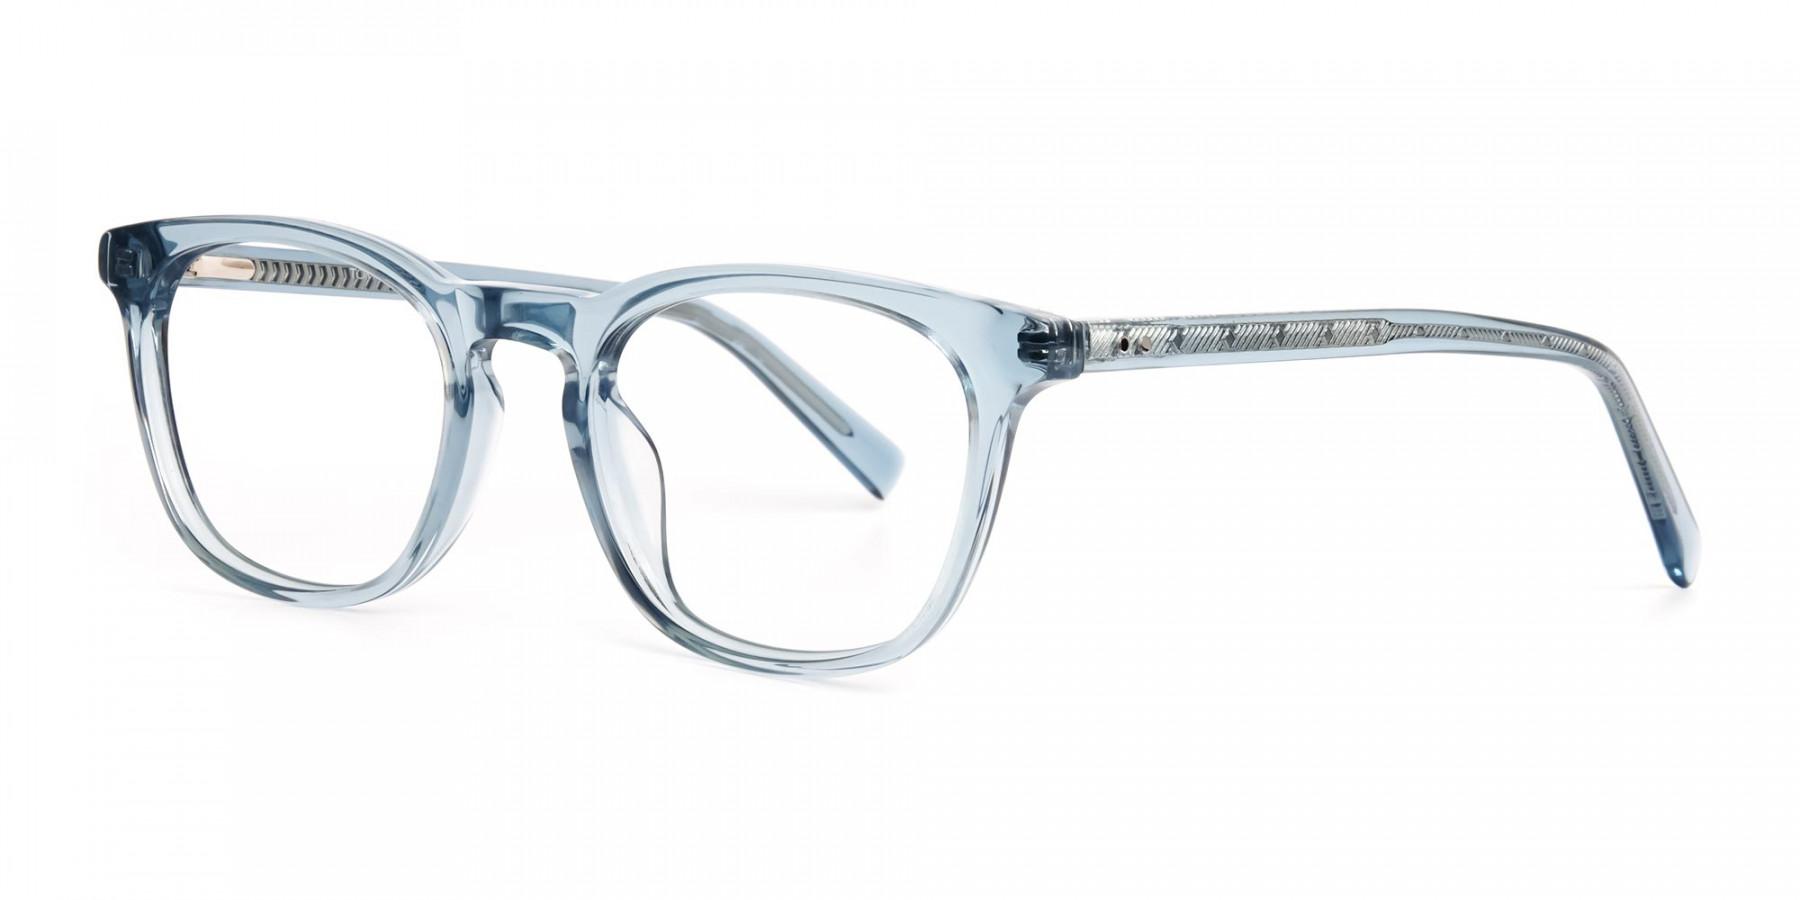 crystal-clear-or-transparent-blue-full-rim-glasses-frames-1